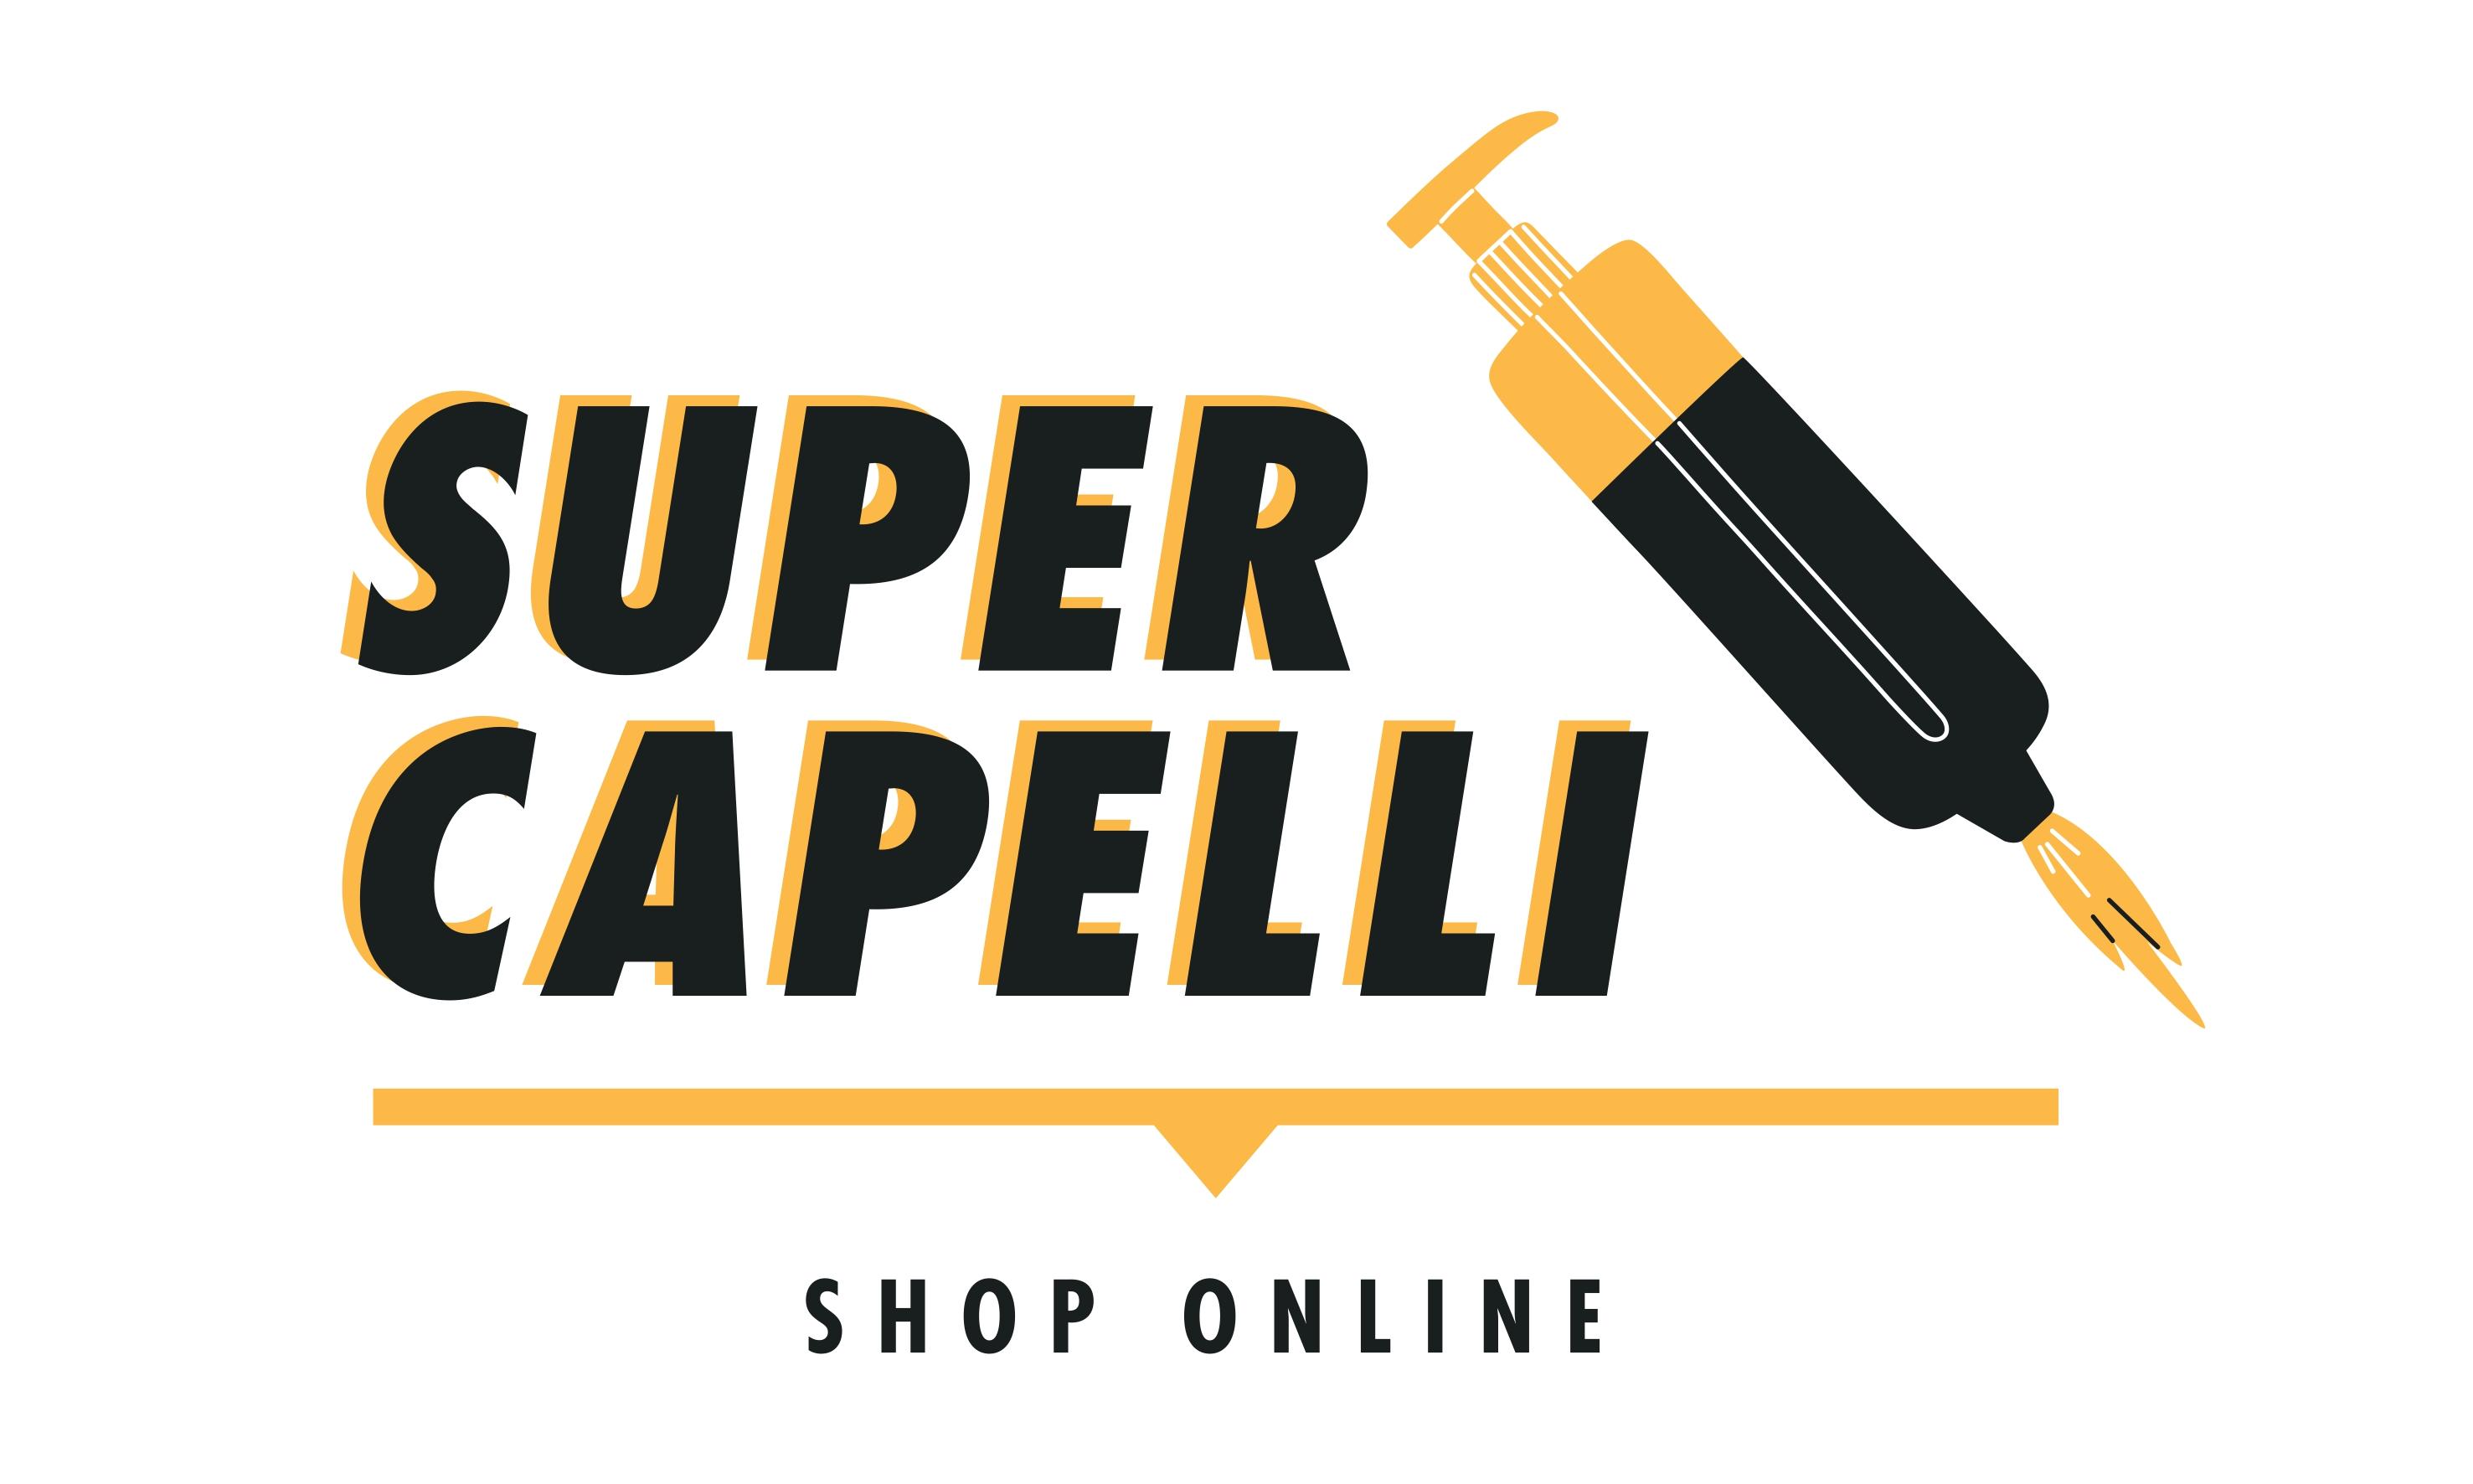 Super capelli logo page 0001